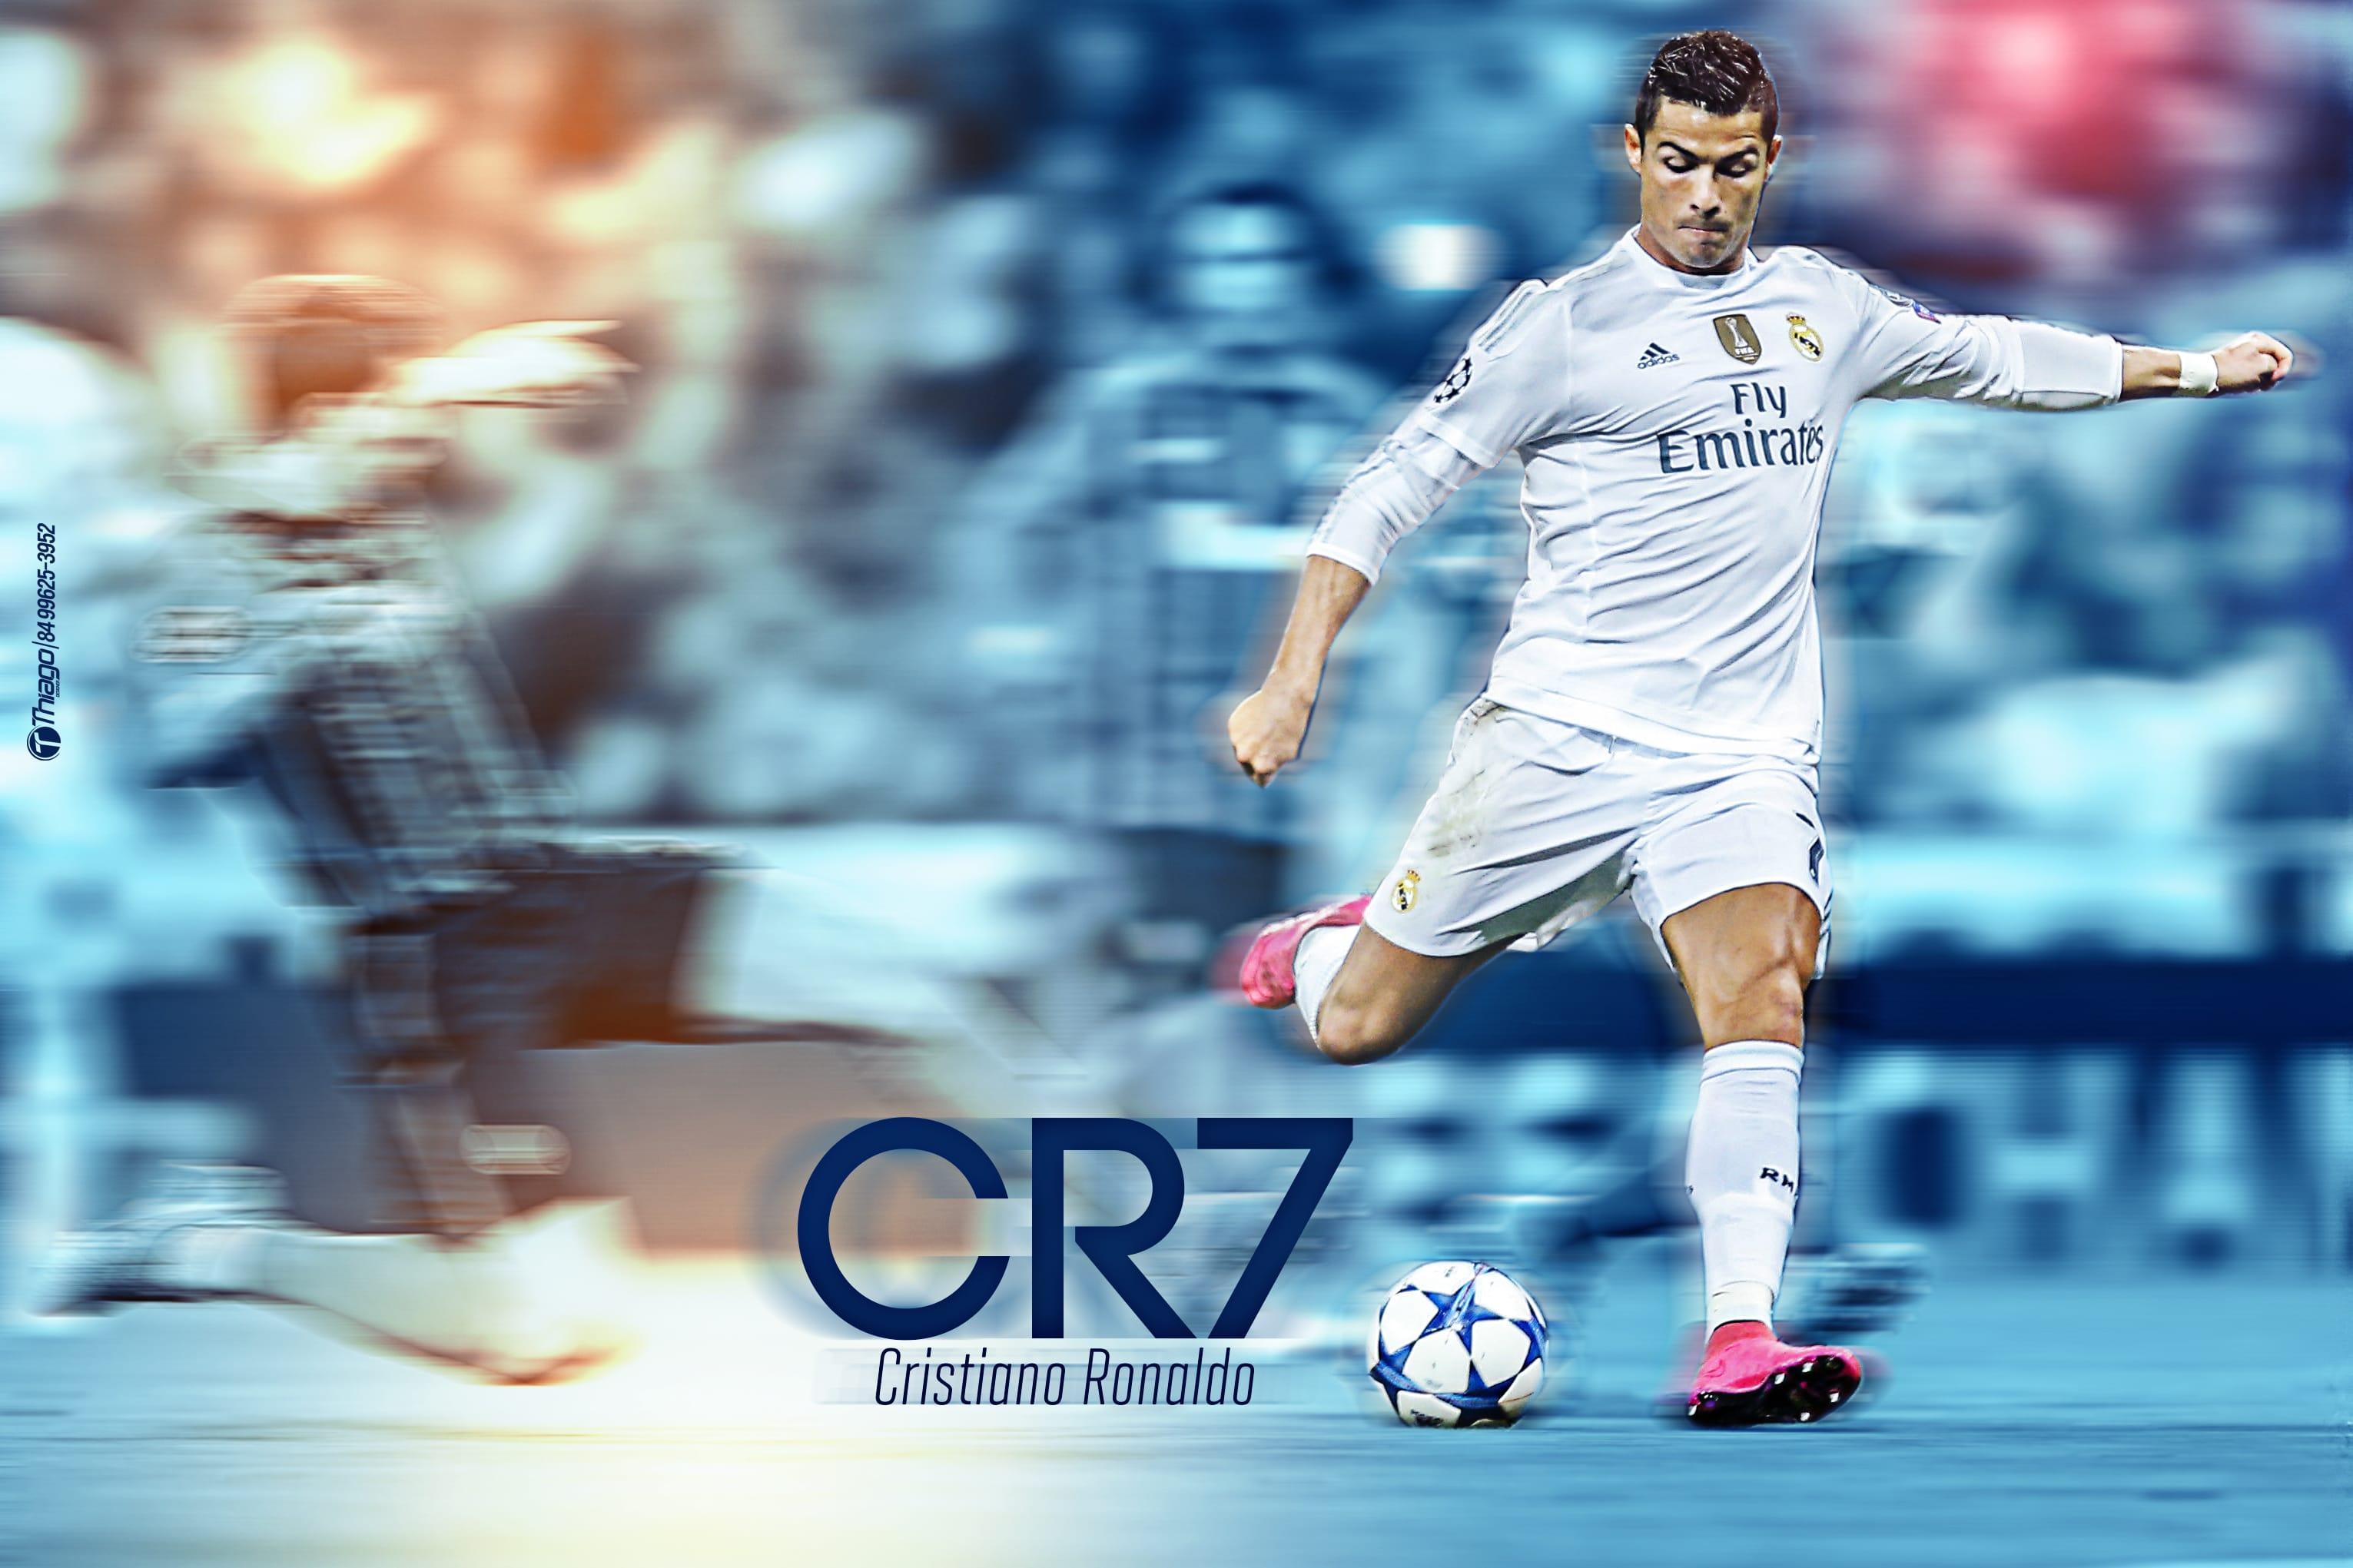 anh-cristiano-ronaldo-cr7-dep-1